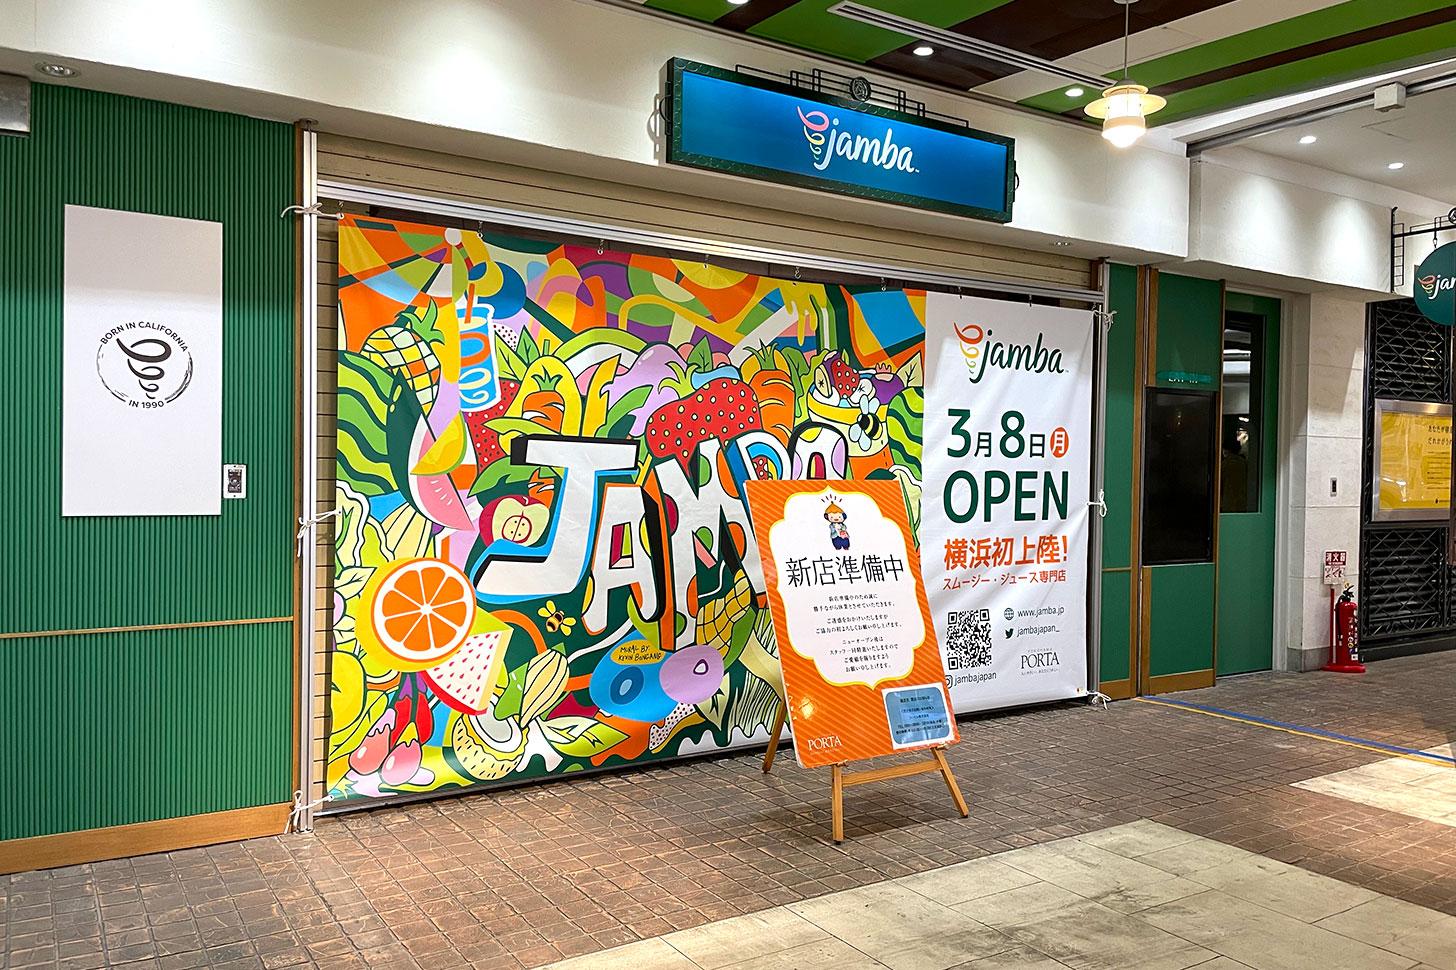 カリフォルニア発スムージー専門店「ジャンバ」横浜ポルタに2021年3月8日オープン予定!